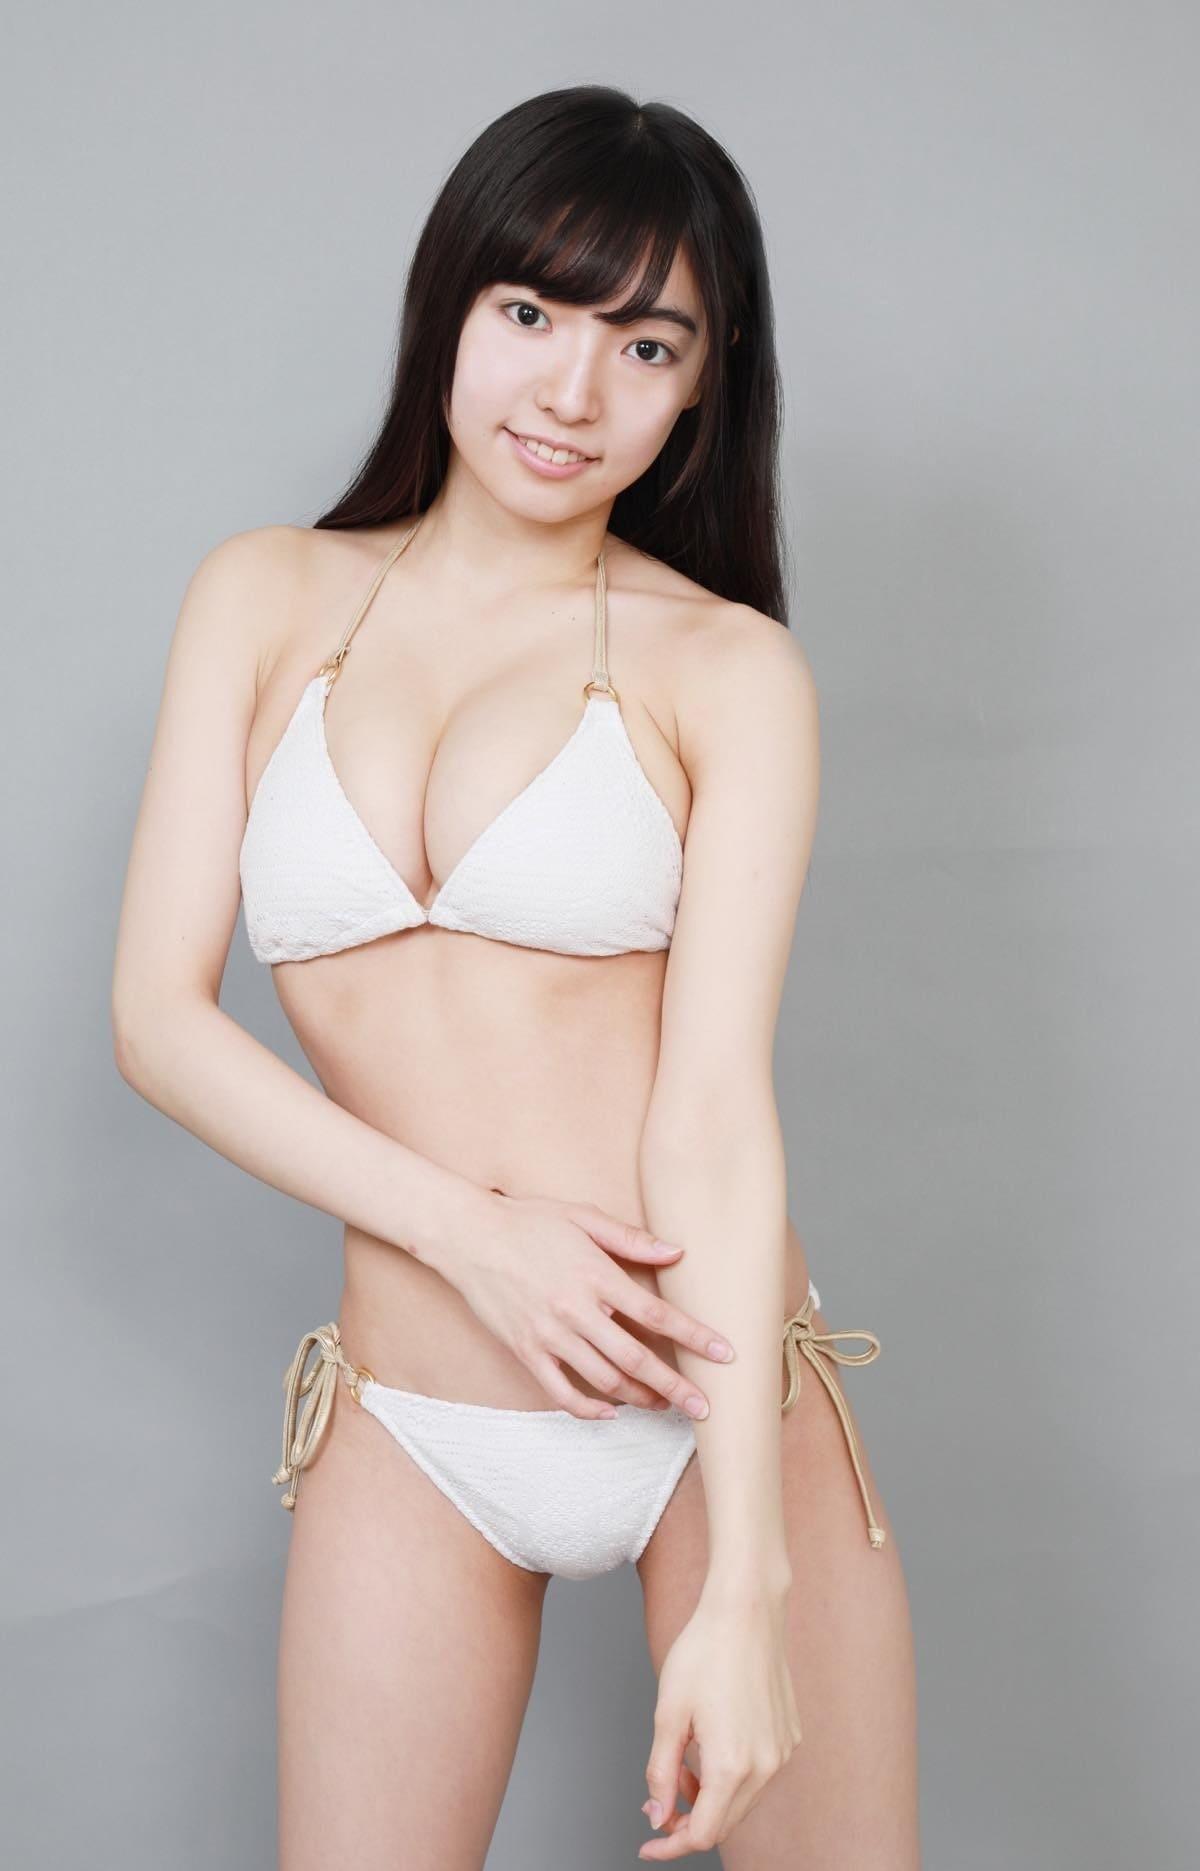 桜田愛音のグラビア水着ビキニ画像0013